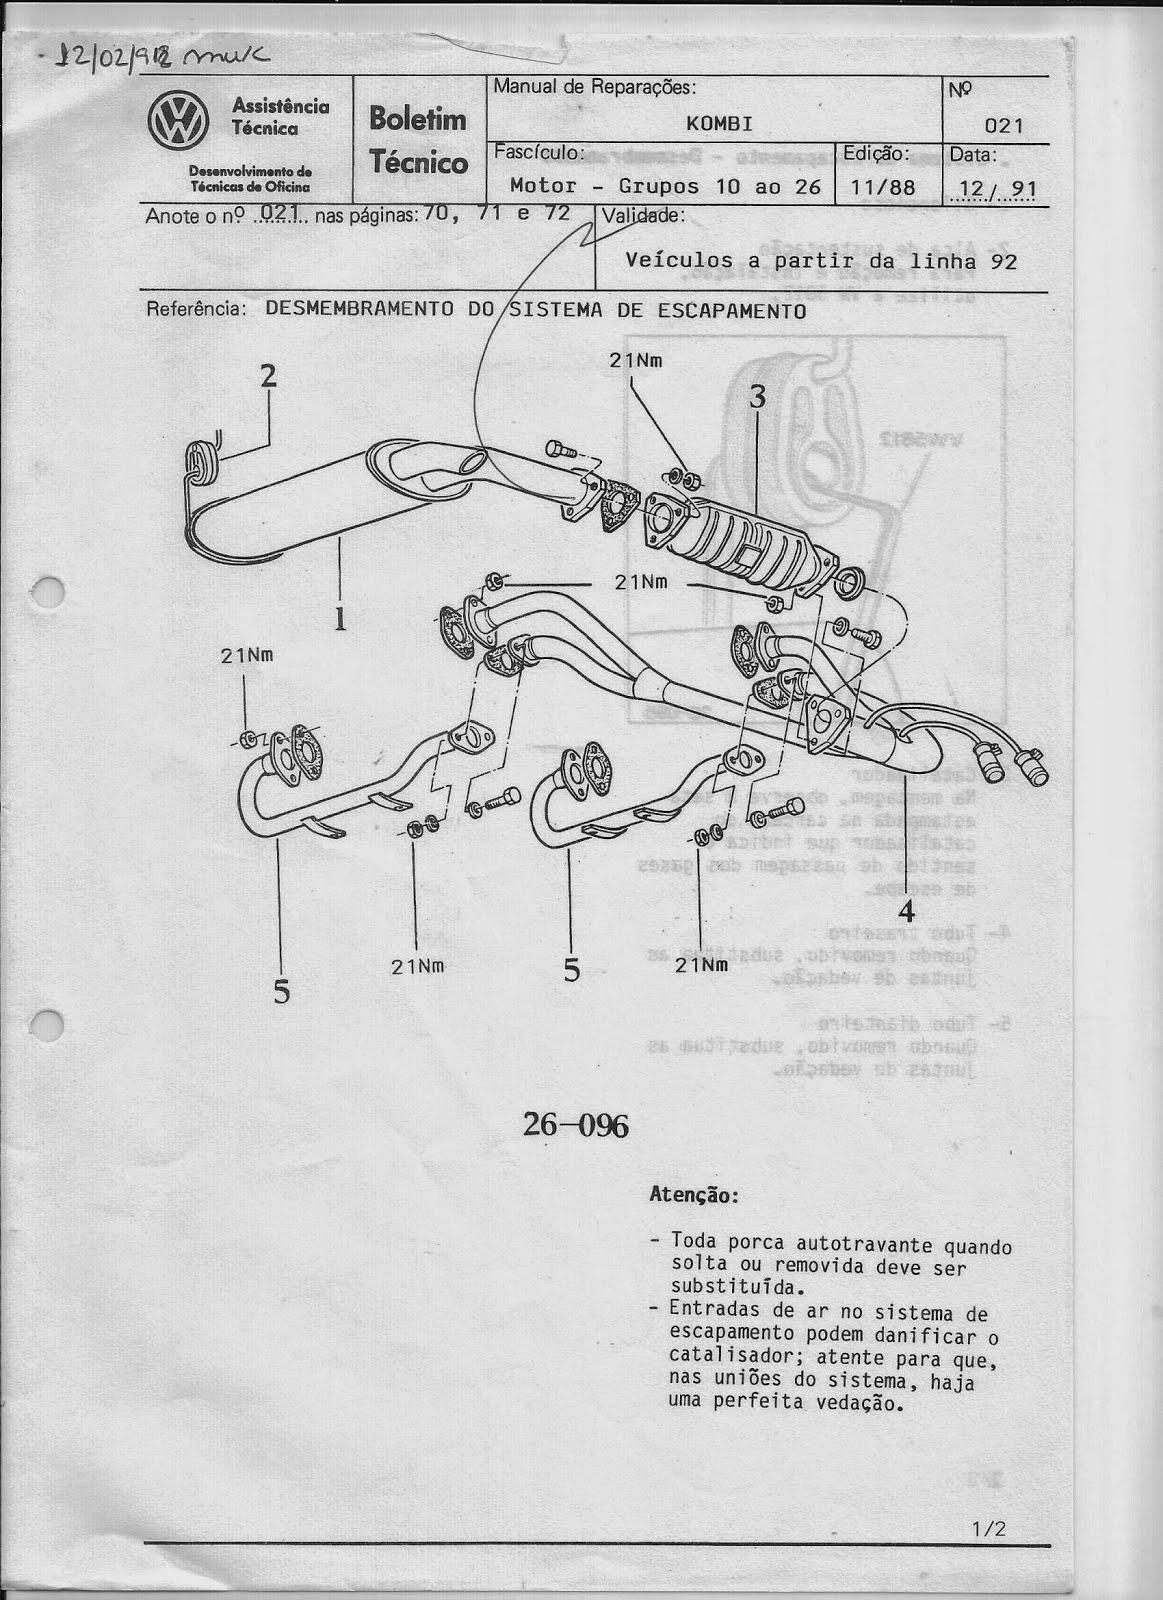 OFICINA VW : MANUAL DE REPARAÇÕES DA KOMBI 1988 (MOTOR